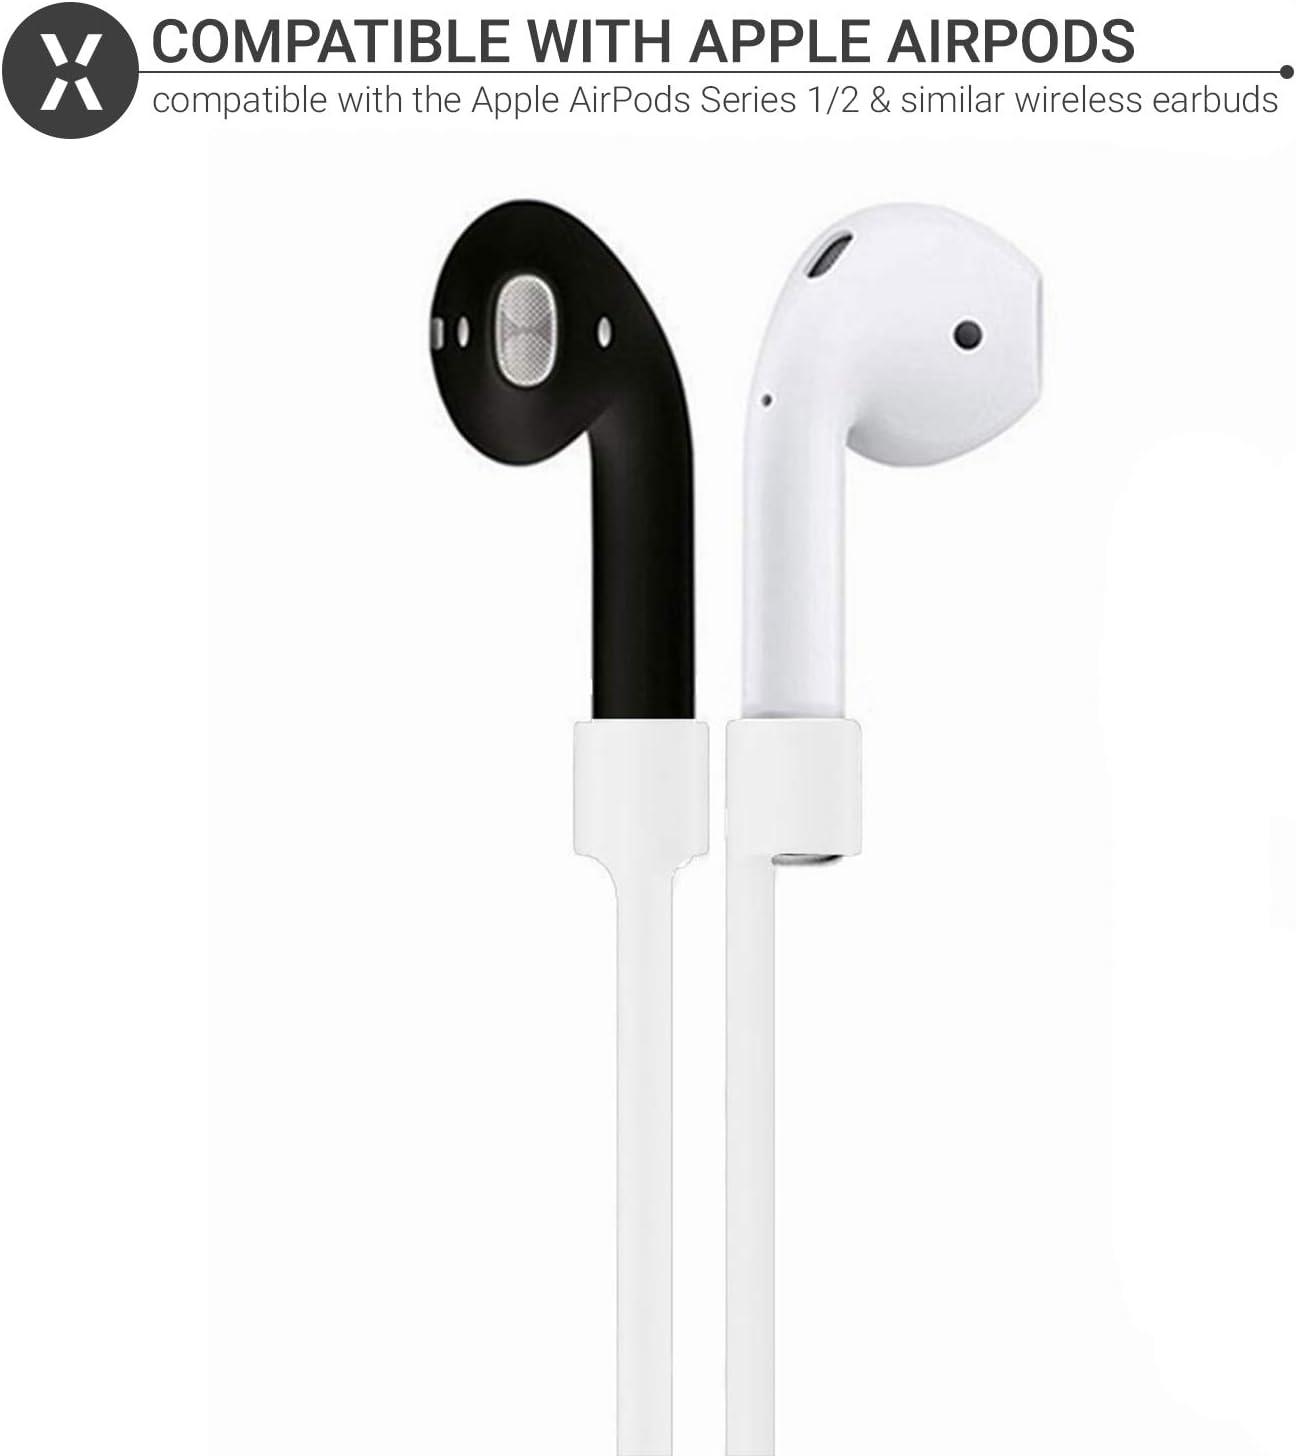 Olixar Für Airpods Anti Verlust Gurt Anti Verlust Kabel Leichtes Weiches Silikon Design Kompatibel Mit Version 1 Und 2 Airpods Airpods Pro Weiß Elektronik